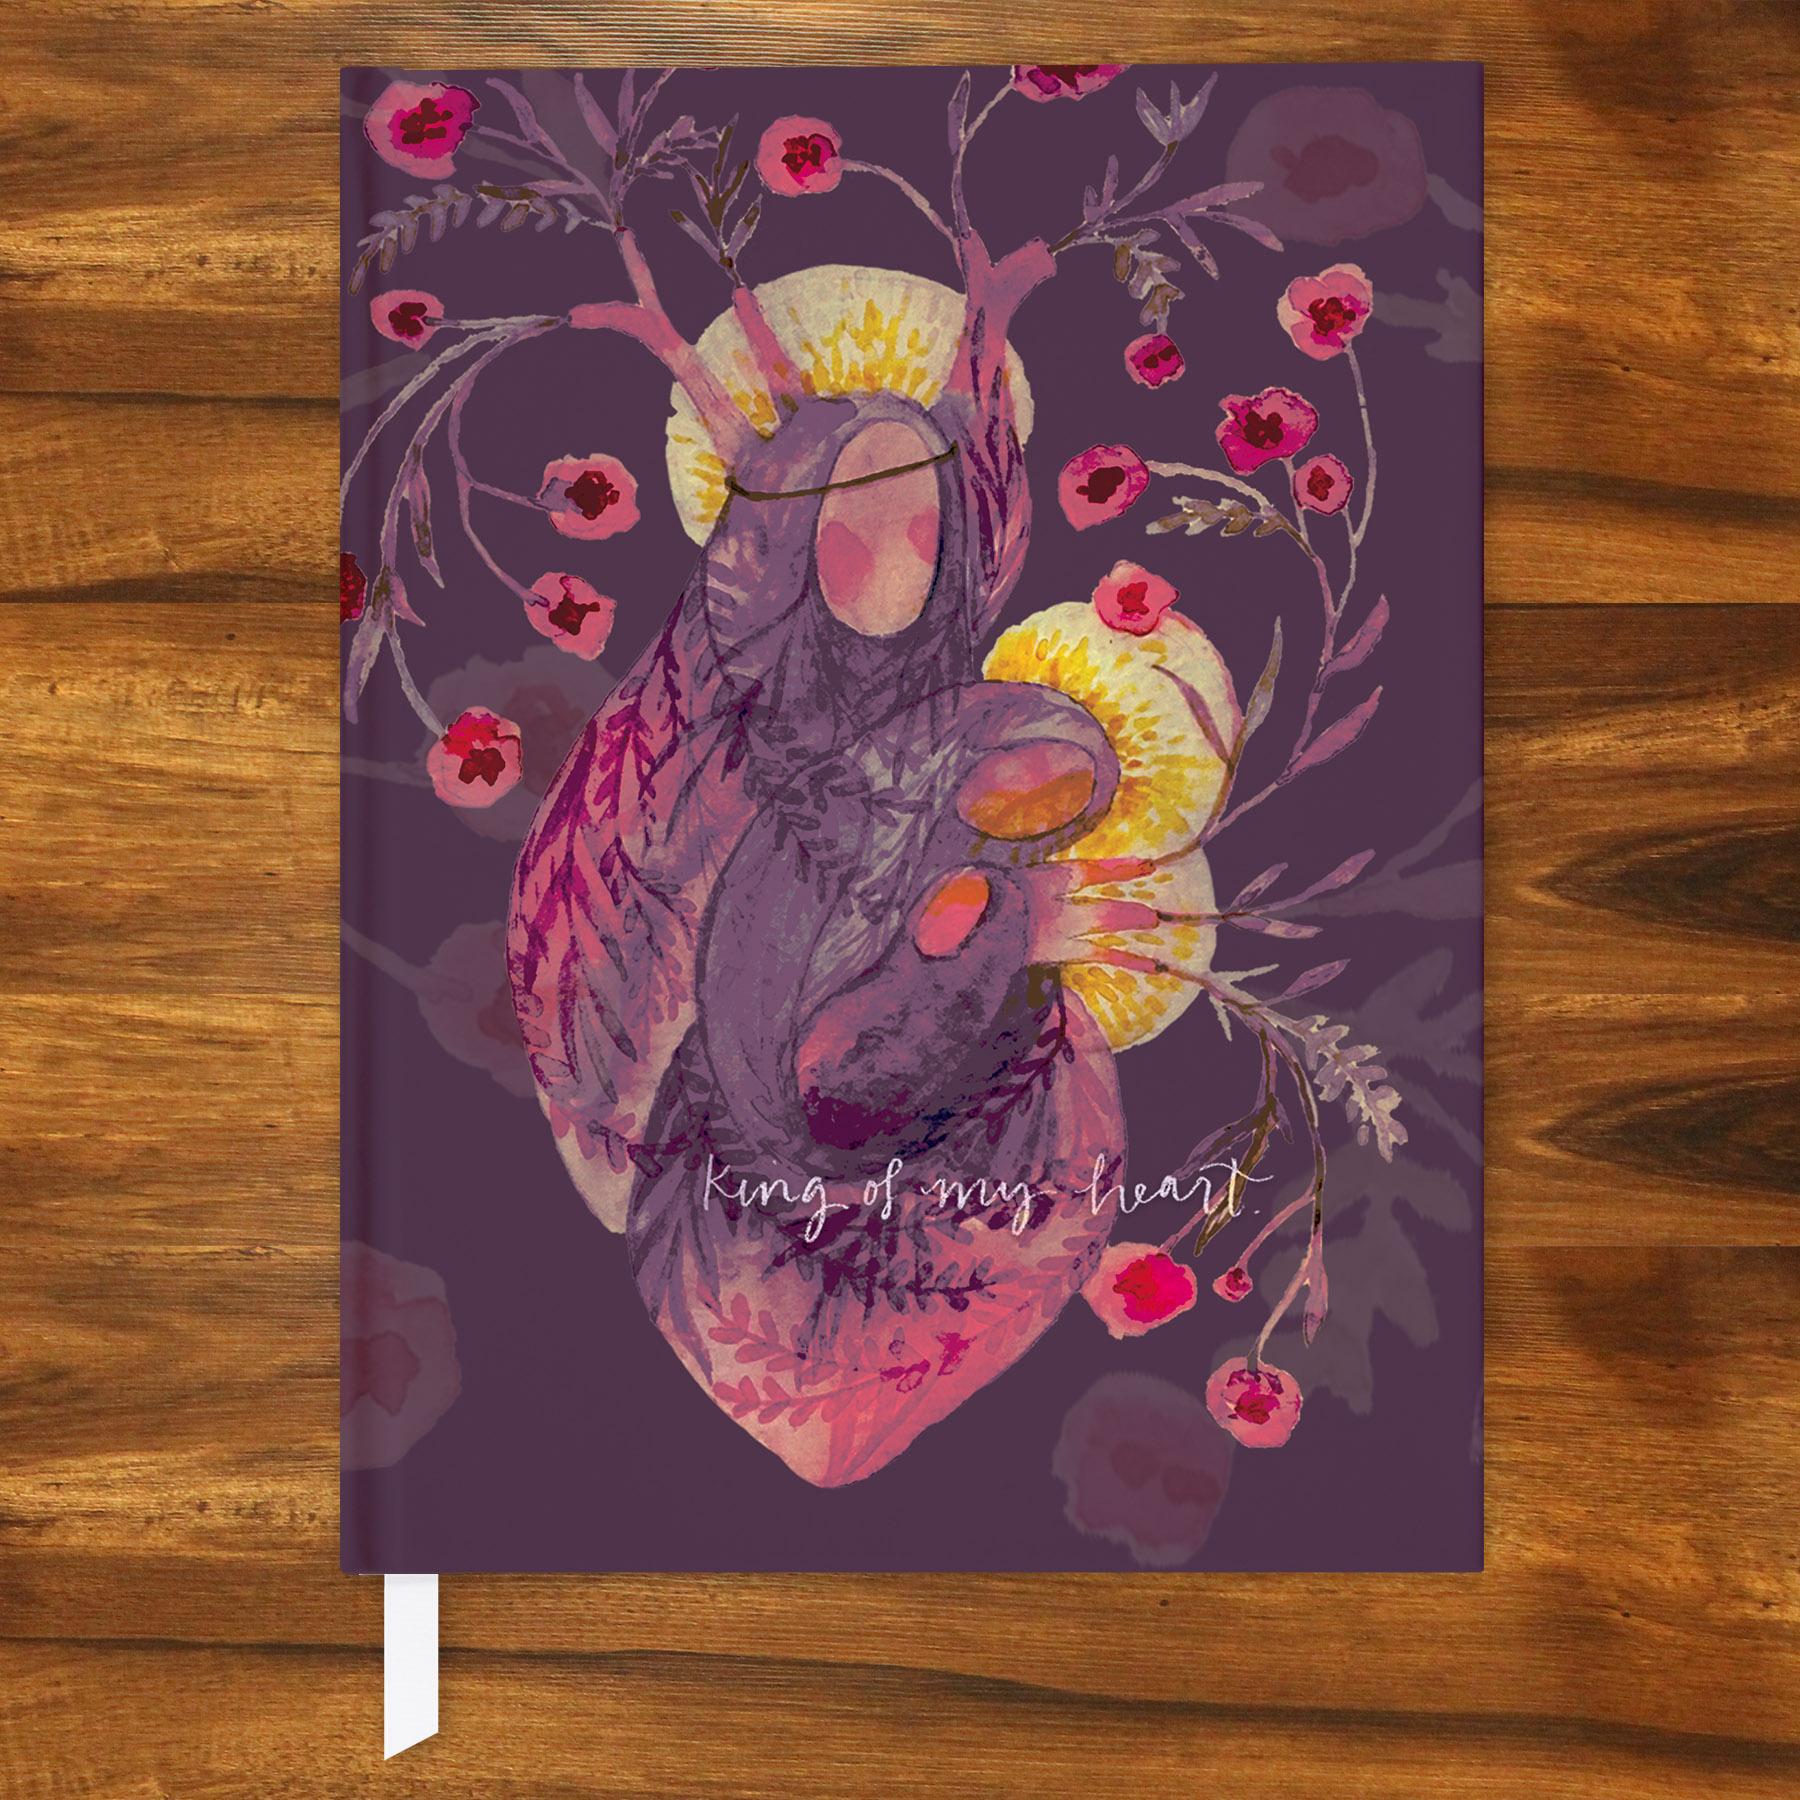 Sample Journal_King of my heart.jpg